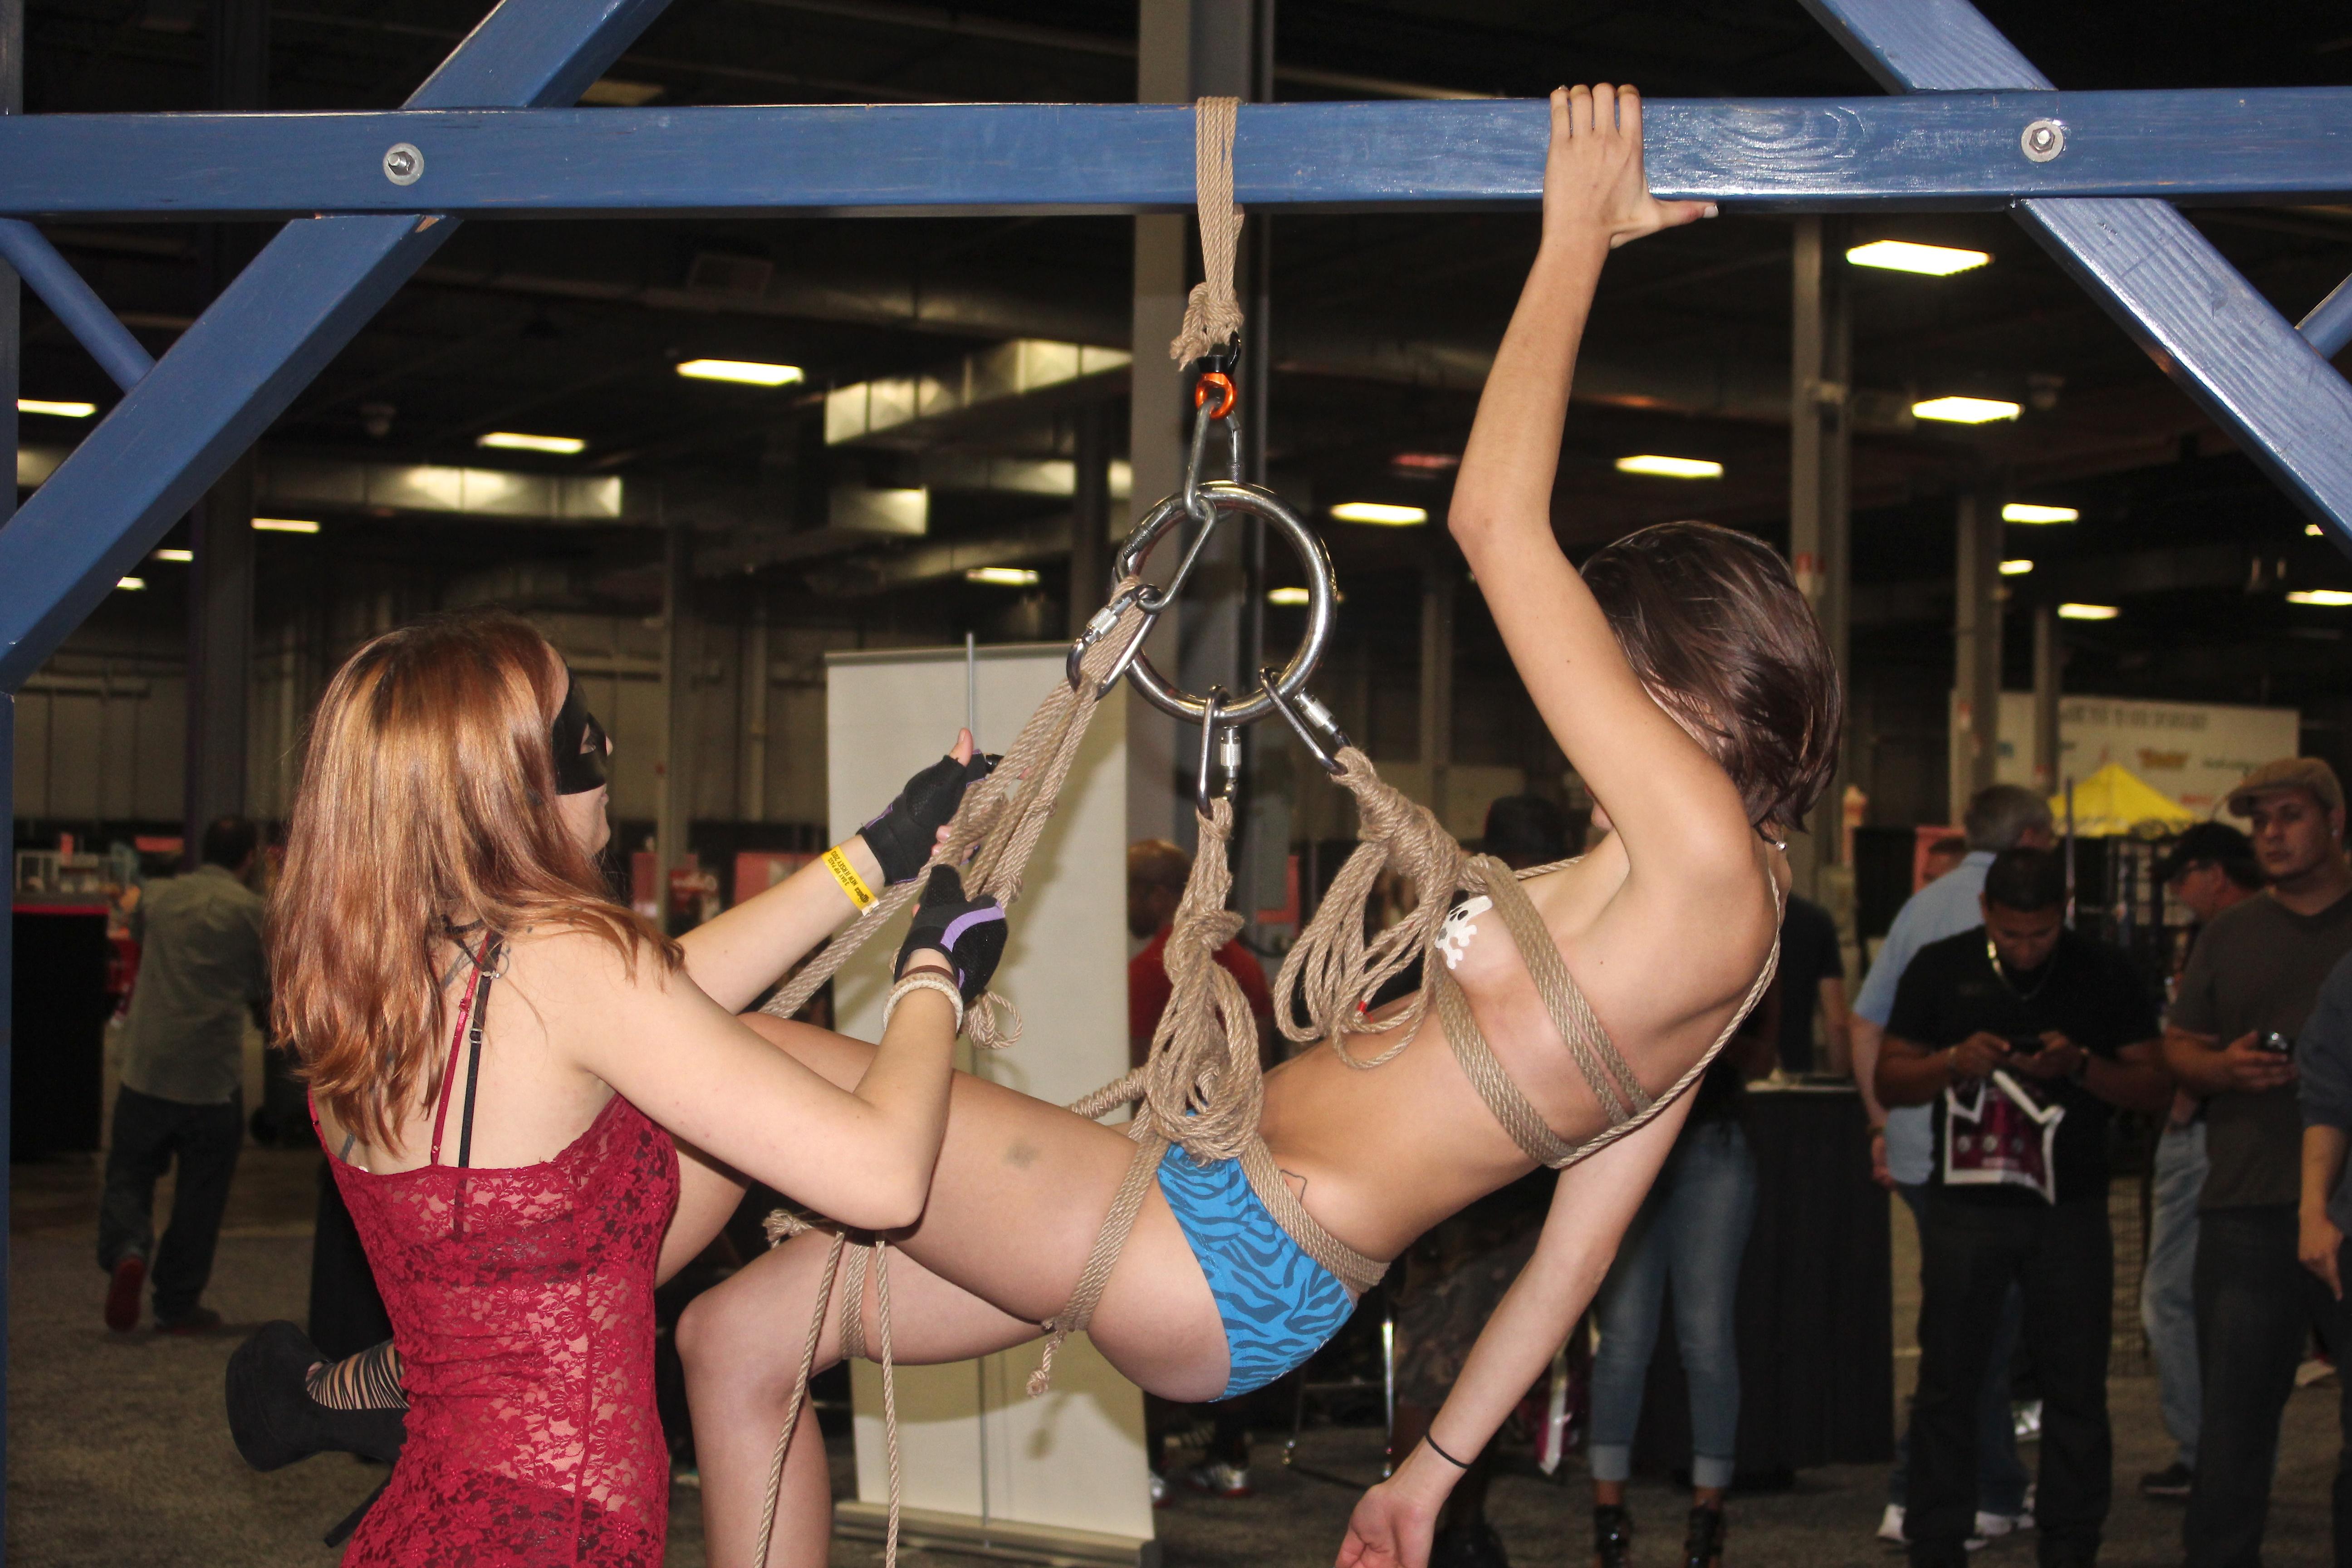 File:Exxxotica NJ 2013 suspension bondage demo 01.jpg ...